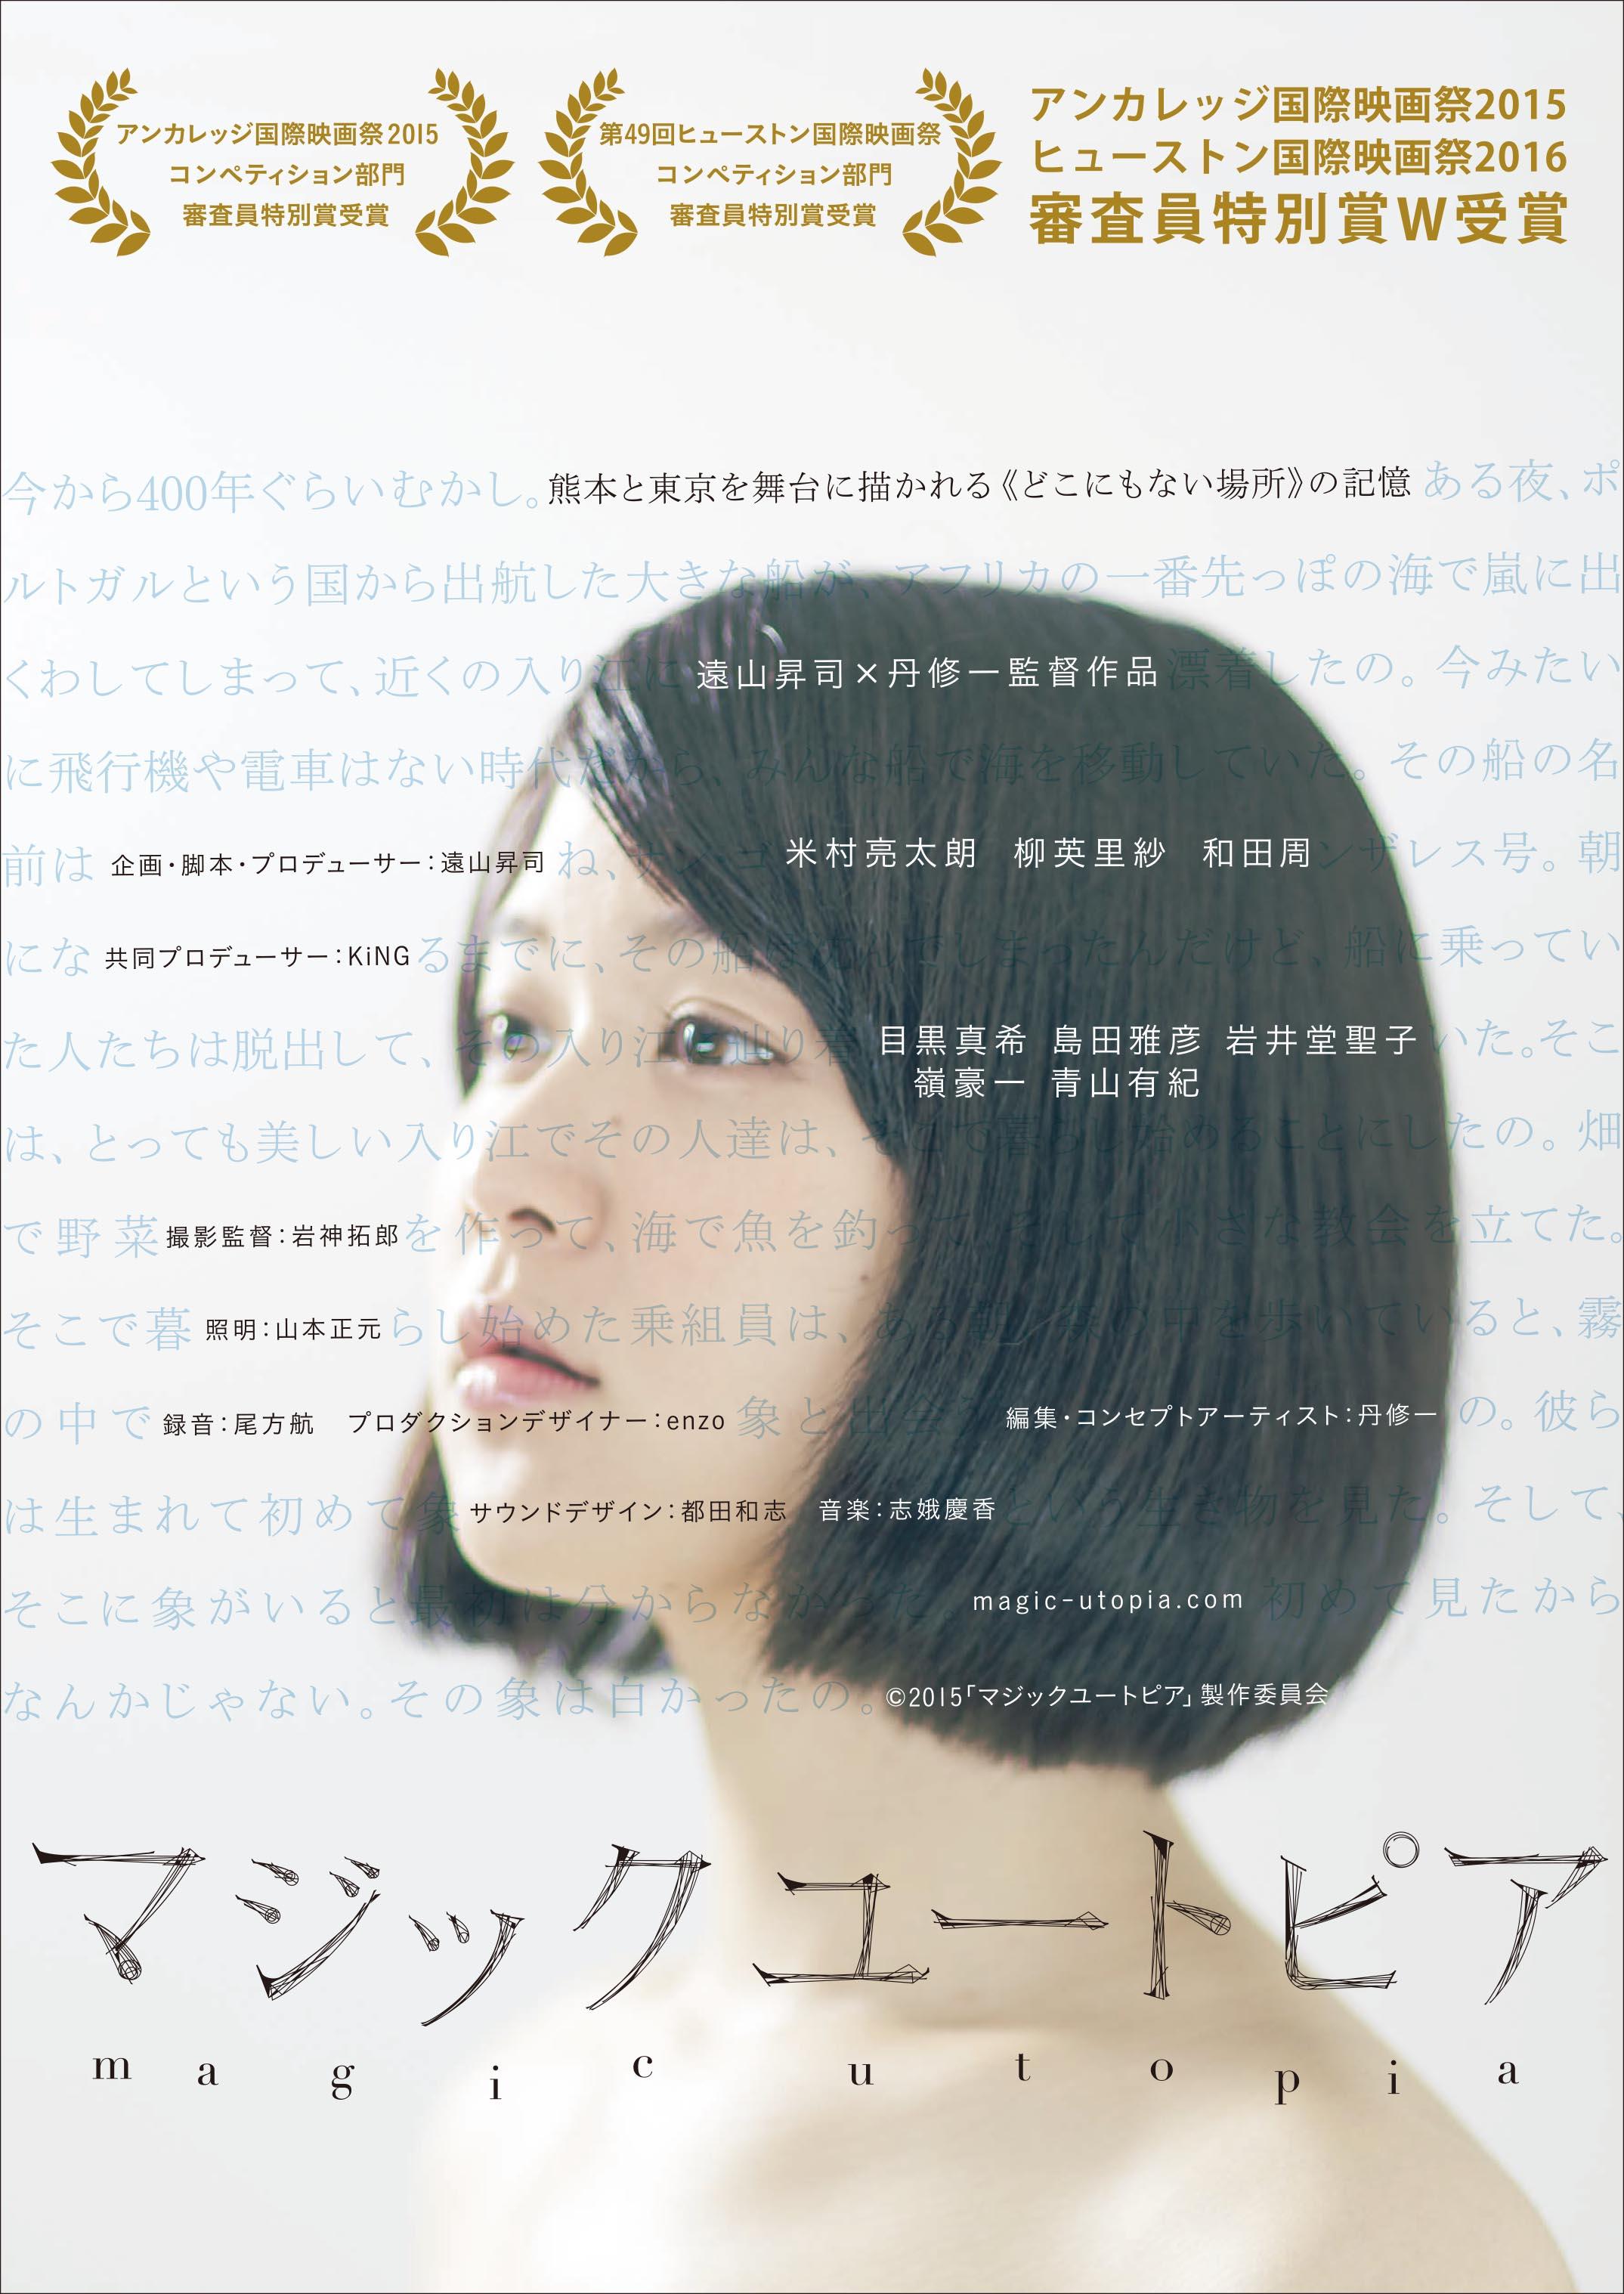 和田 さん 俳優 周